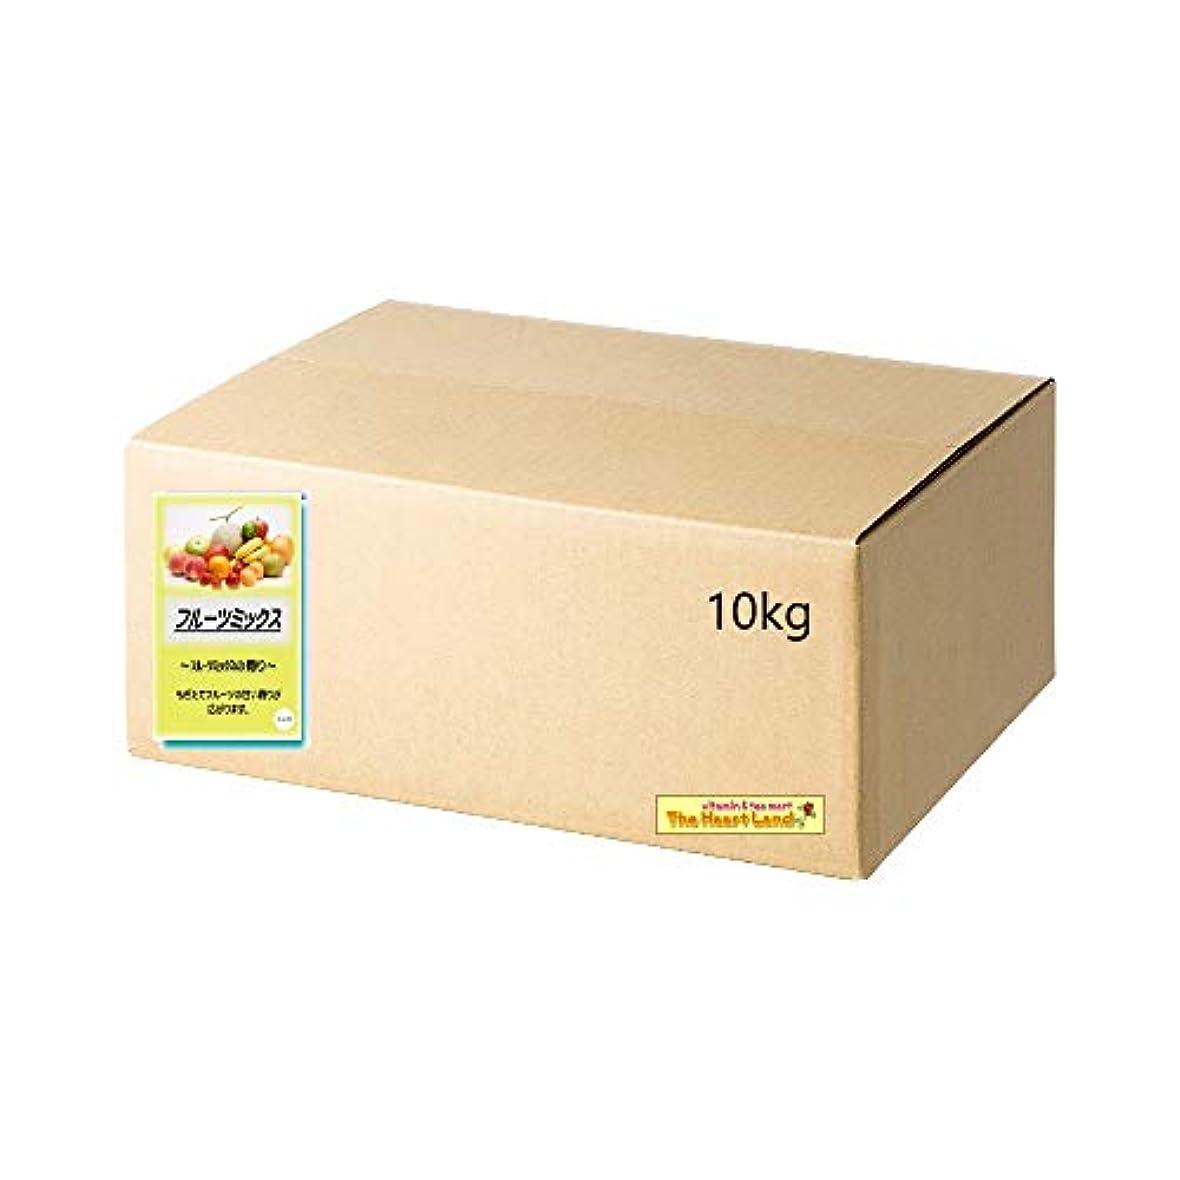 ヒョウバレエポーンアサヒ入浴剤 浴用入浴化粧品 フルーツミックス 10kg